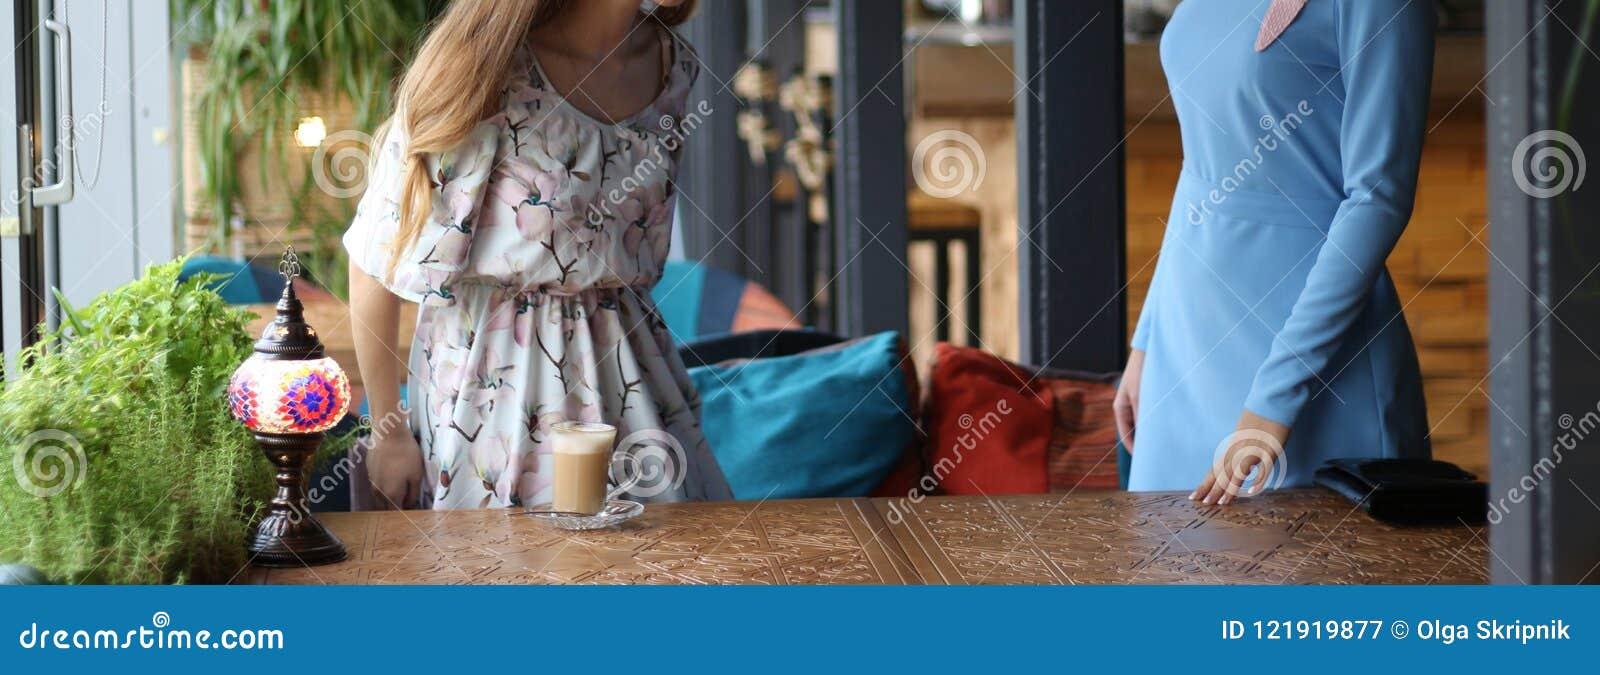 συνεδρίαση δύο γυναίκες σε έναν καφέ για τον καφέ το ένα στάθηκε επάνω να χαιρετήσει το δεύτερο το μπλε φόρεμα, φόρεμα στο λουλού